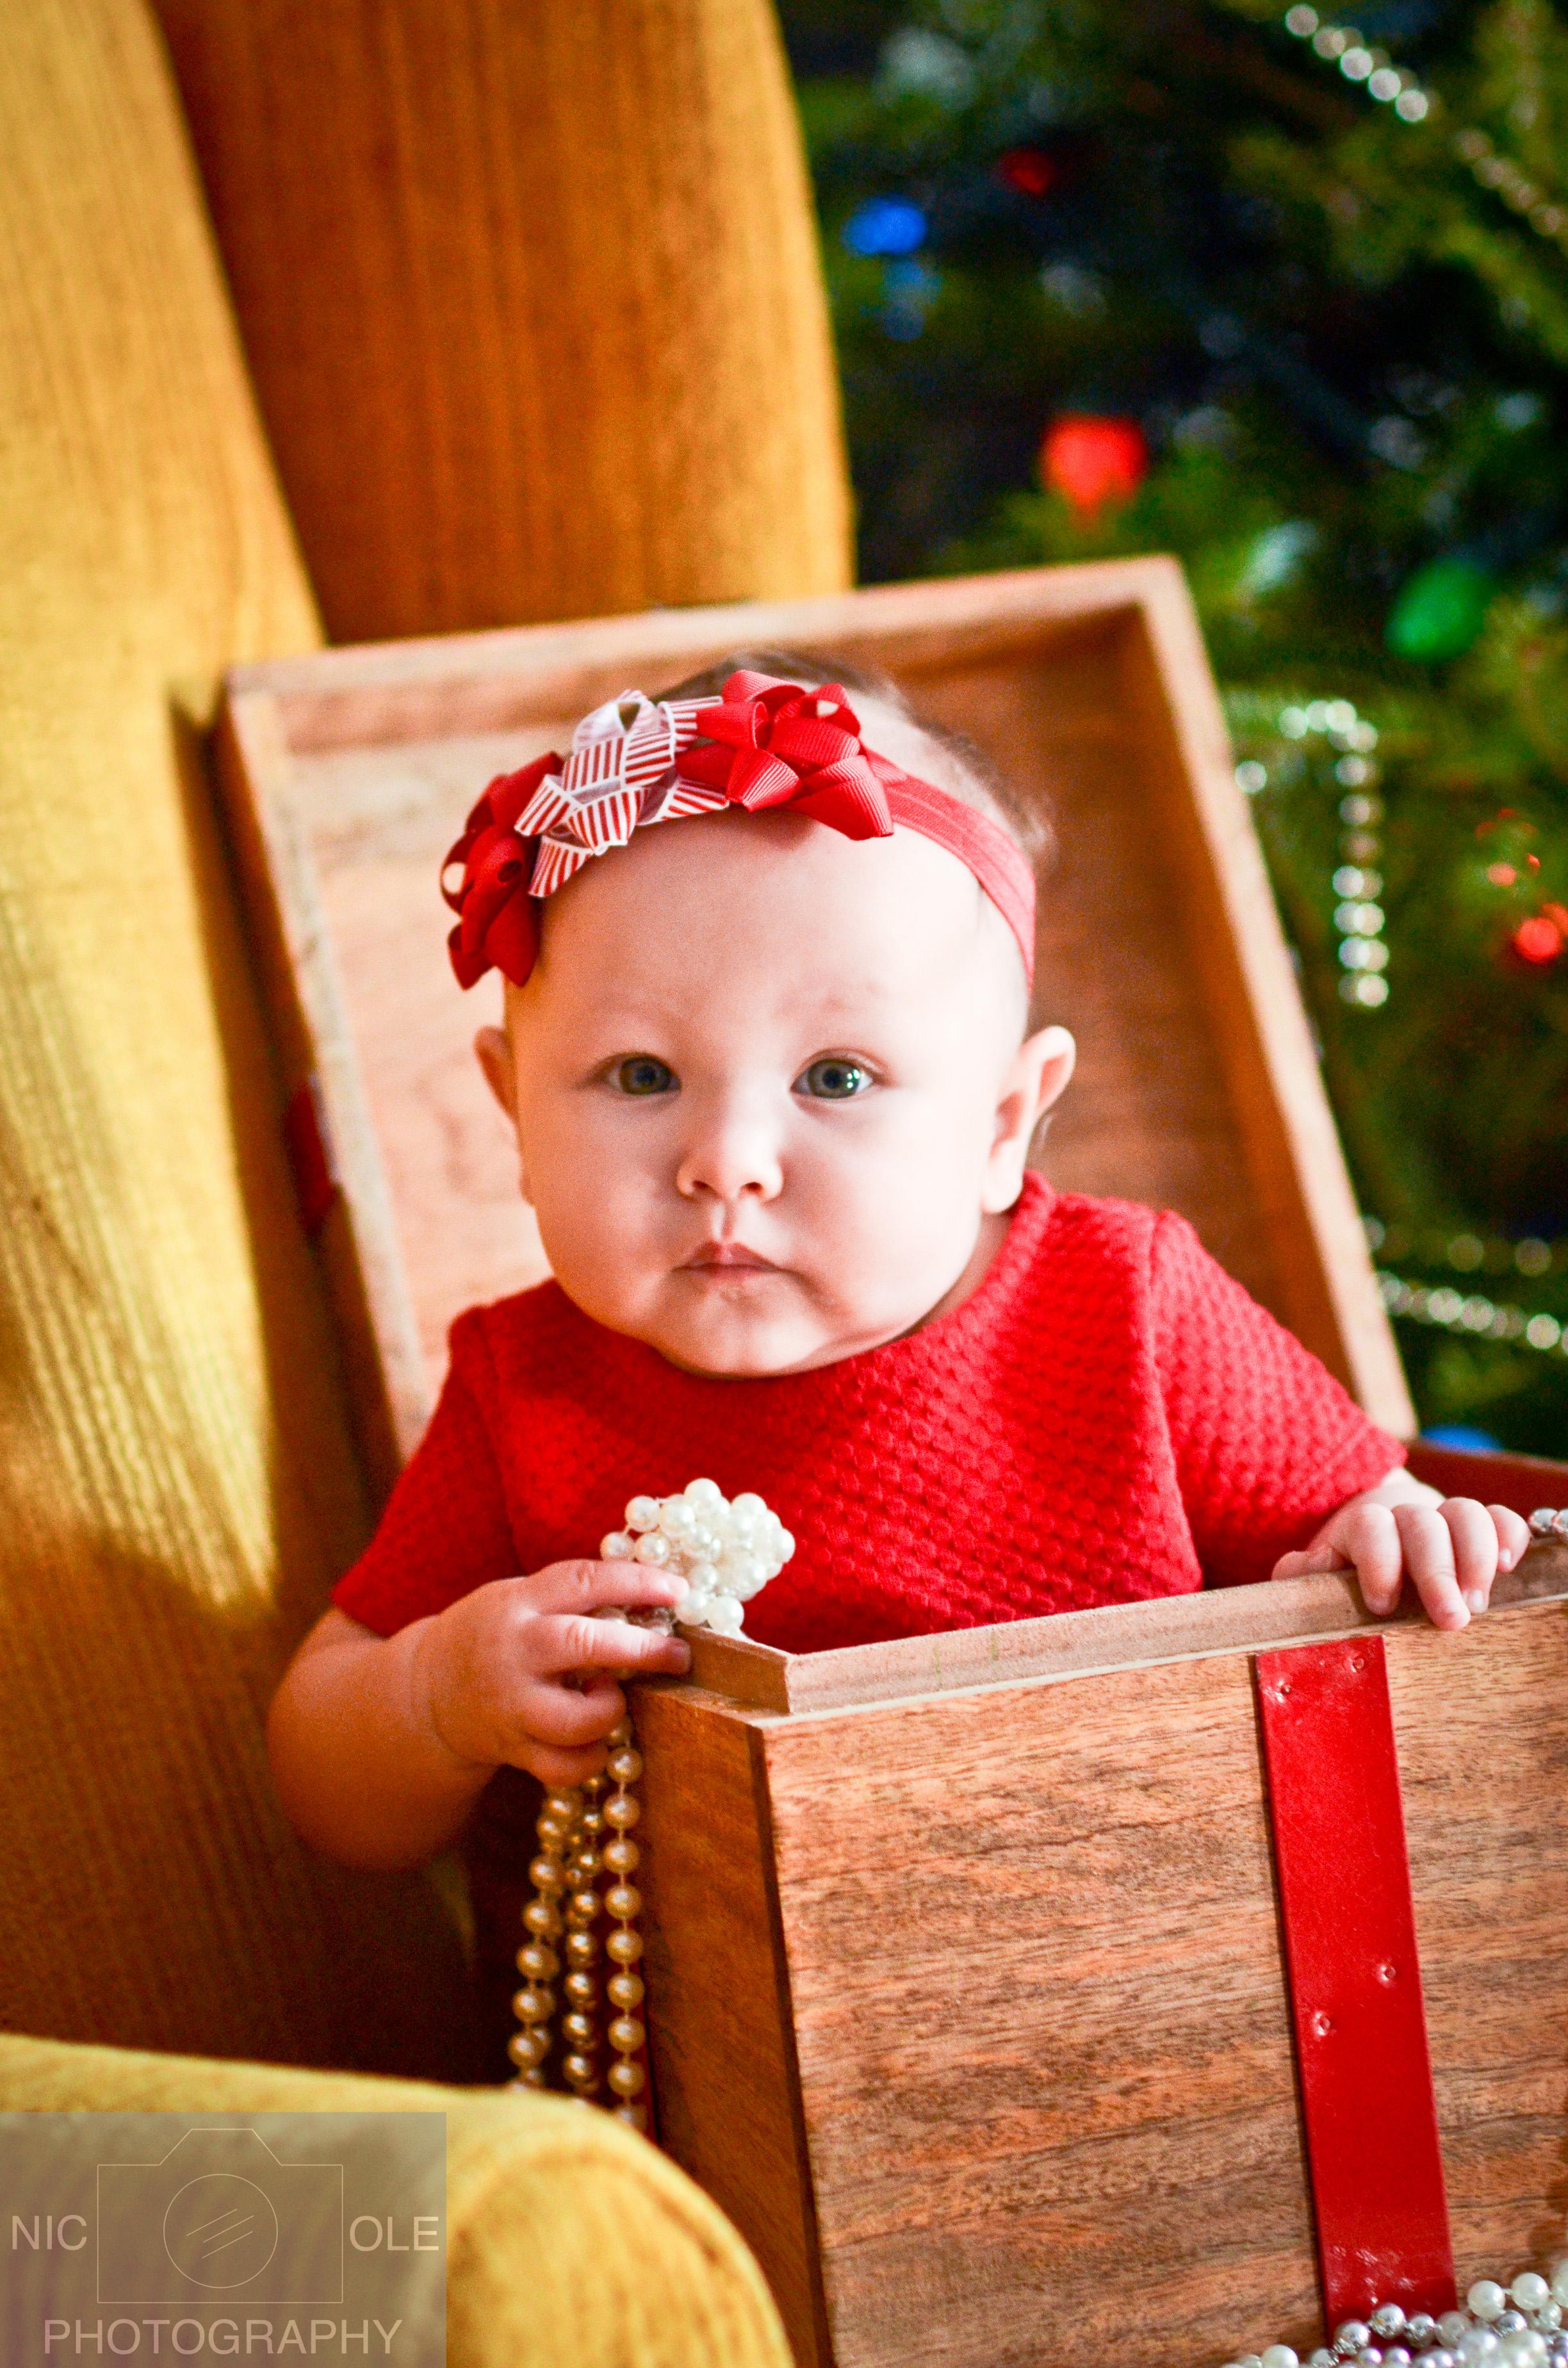 O&Z Christmas Photos- Nic.Ole Photography-2.jpg